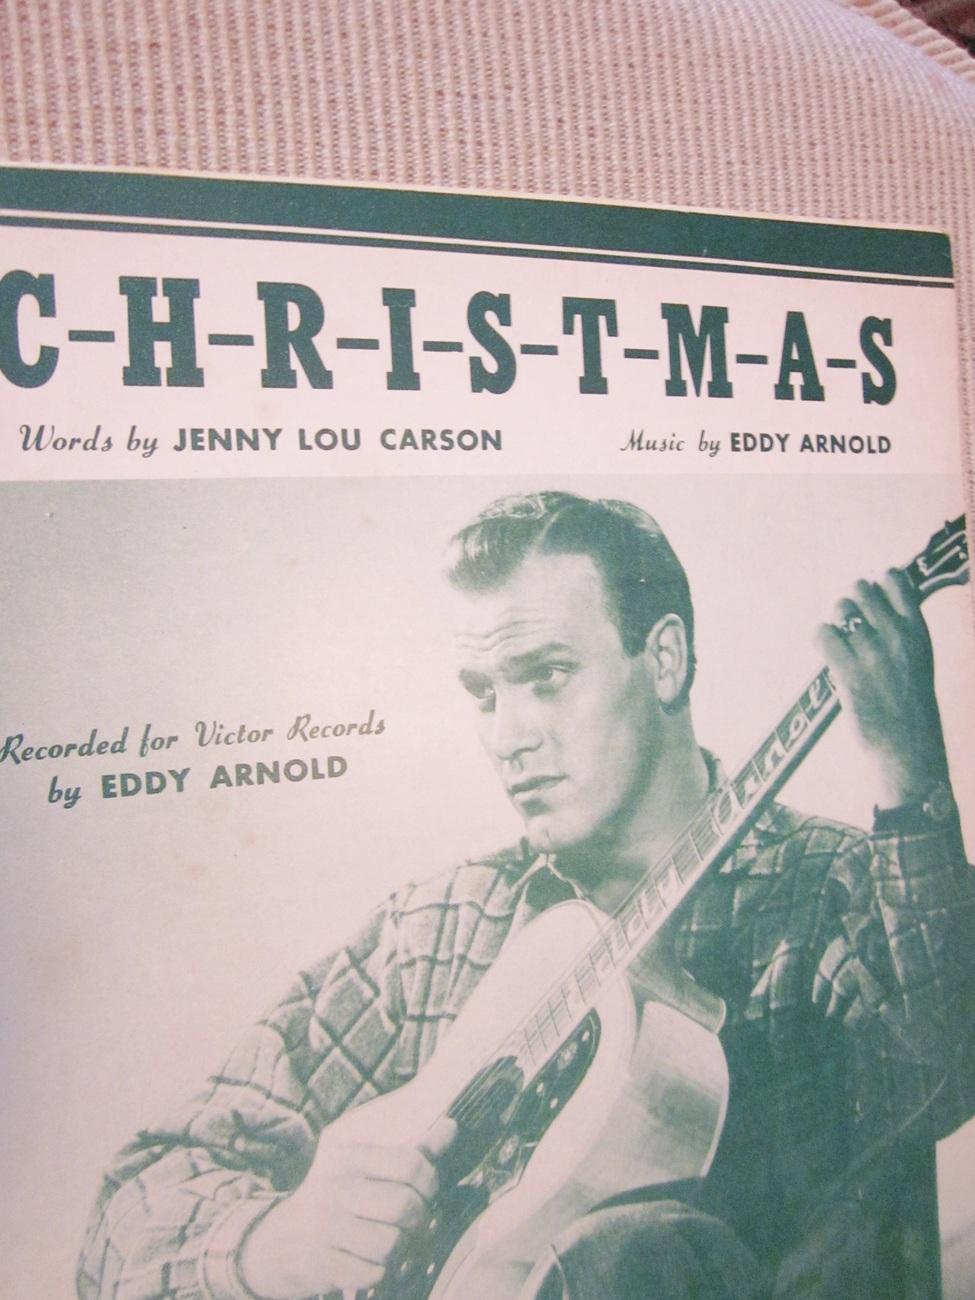 Vintage Sheet Music C-H-R-I-S-T-M-A-S by Jenny Lou Carson & Eddy Arnold